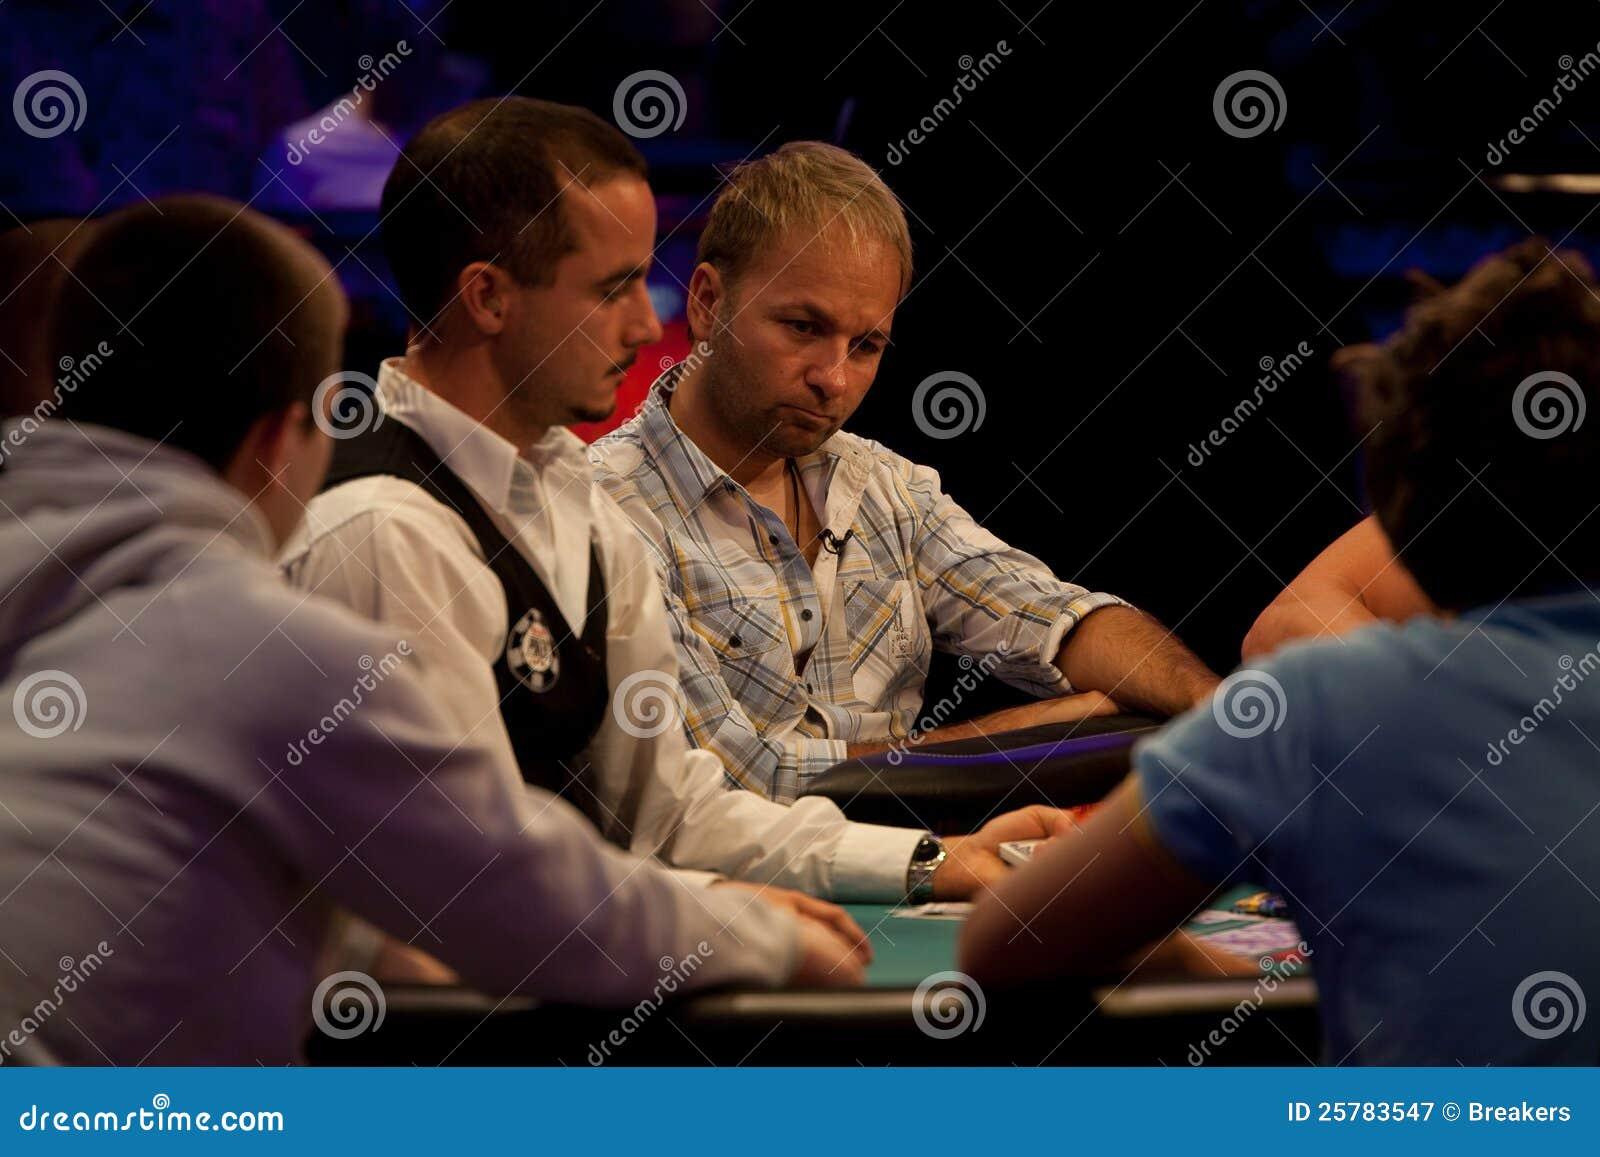 Ντάνιελ Negreanu στην παγκόσμια σειρά πόκερ